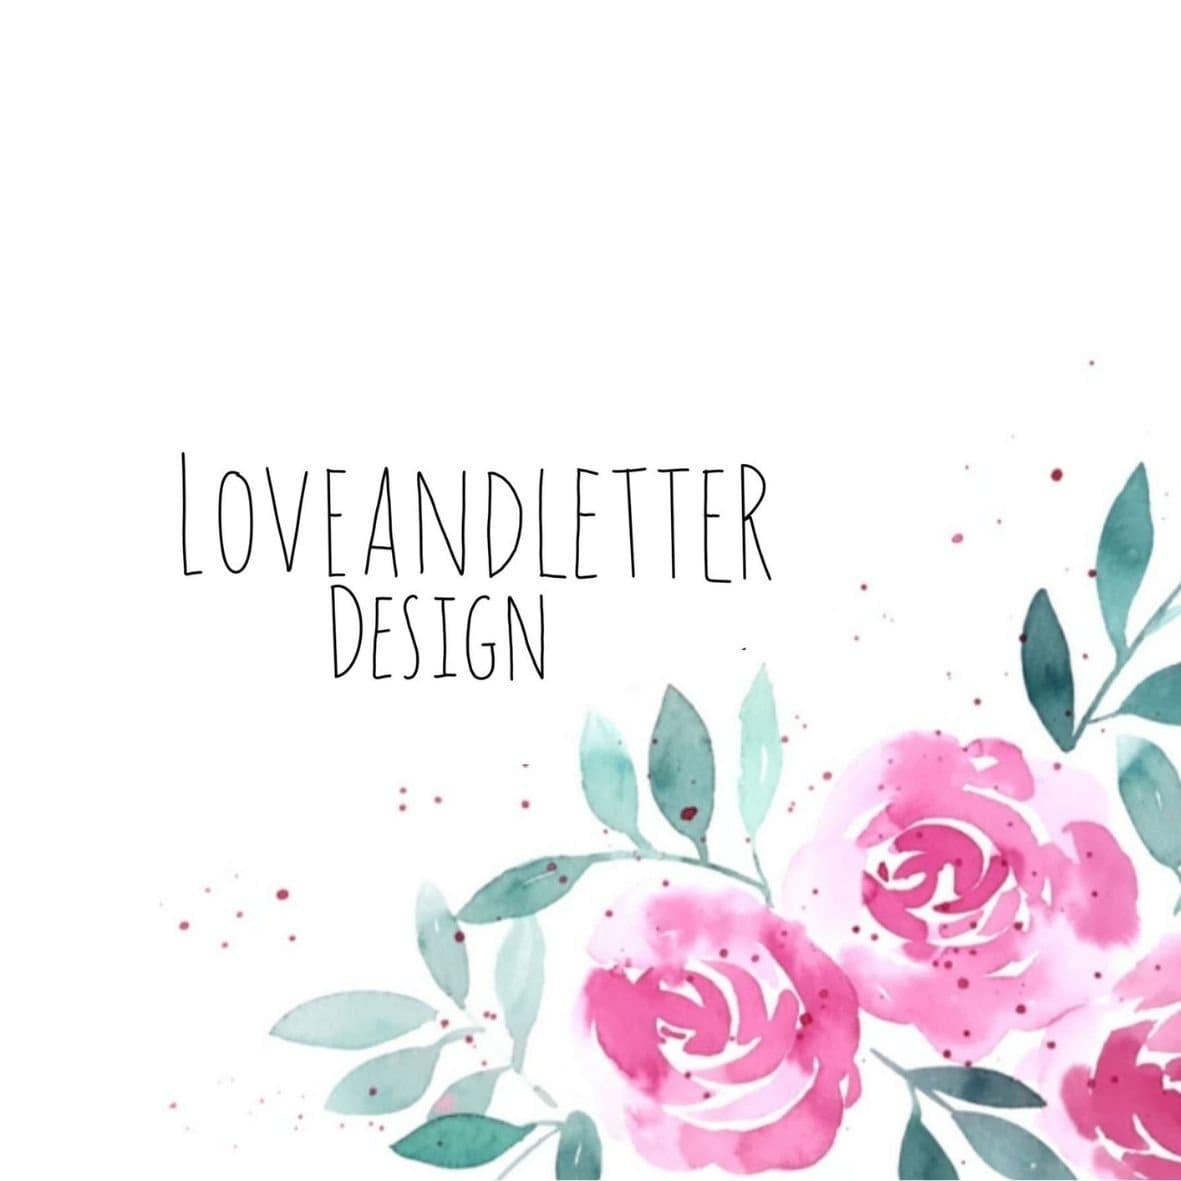 Loveandletterdesign